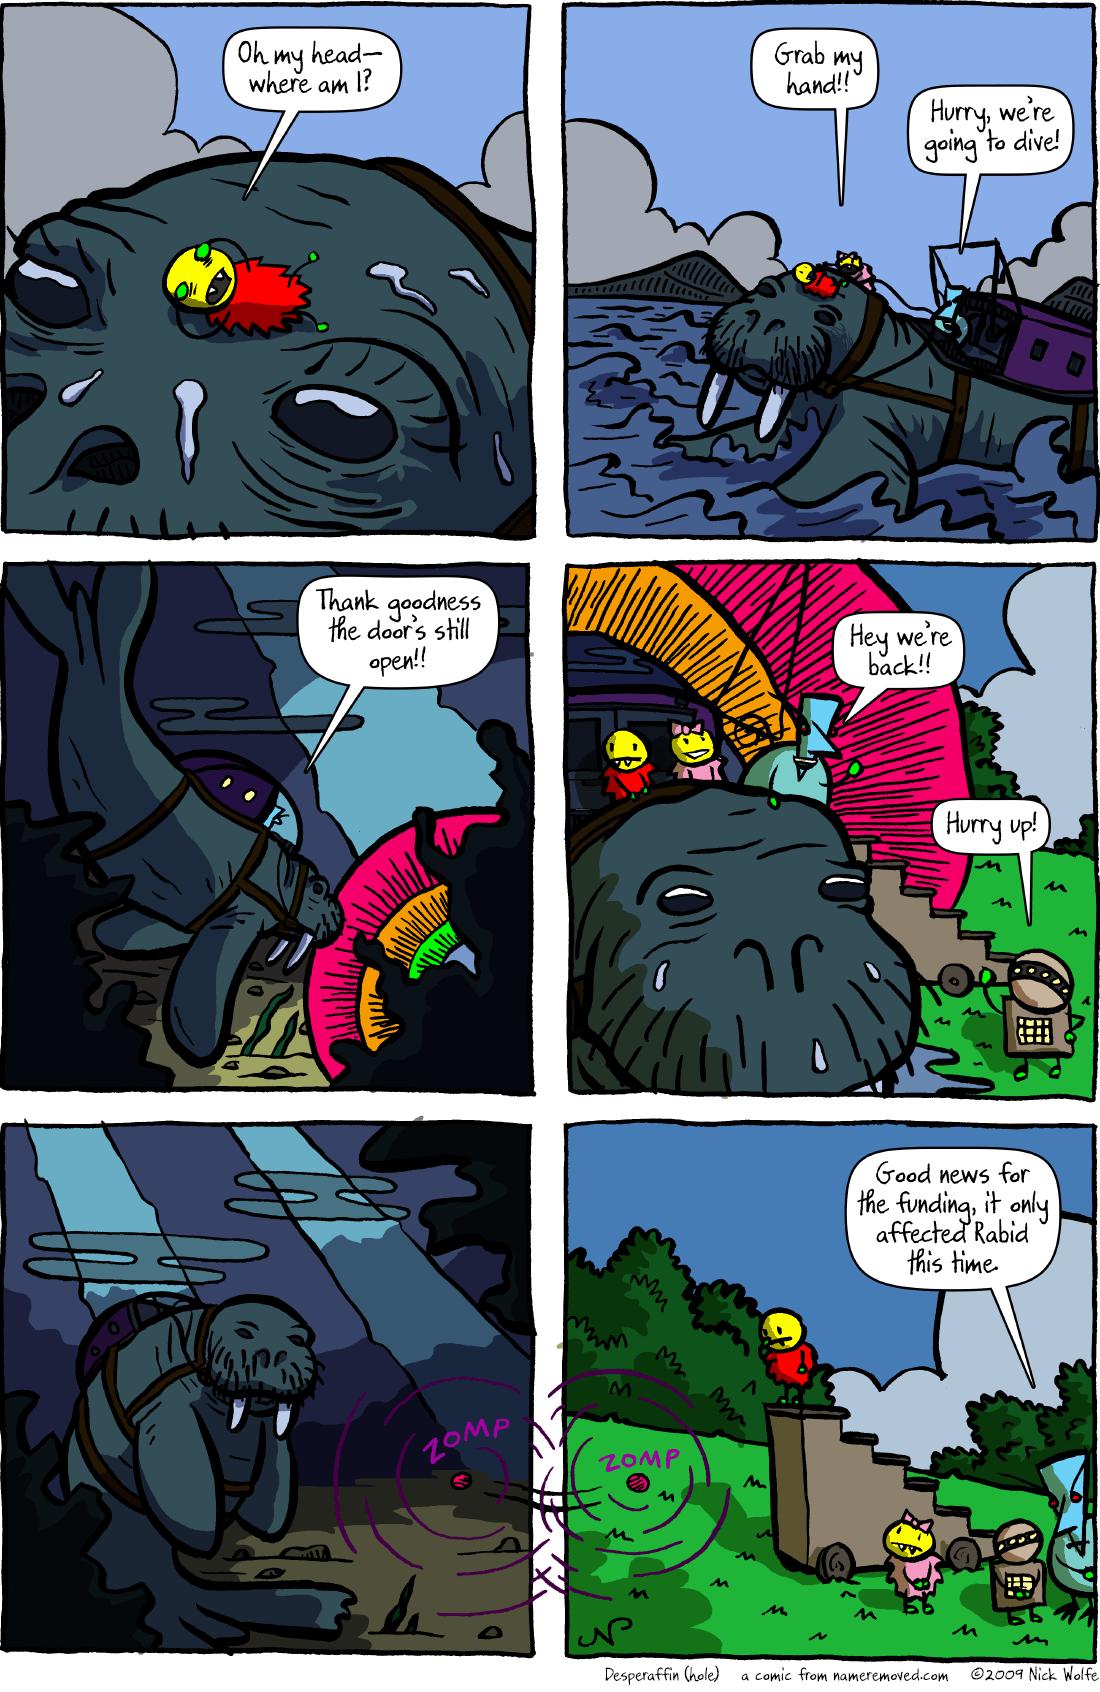 Desperaffin (hole)